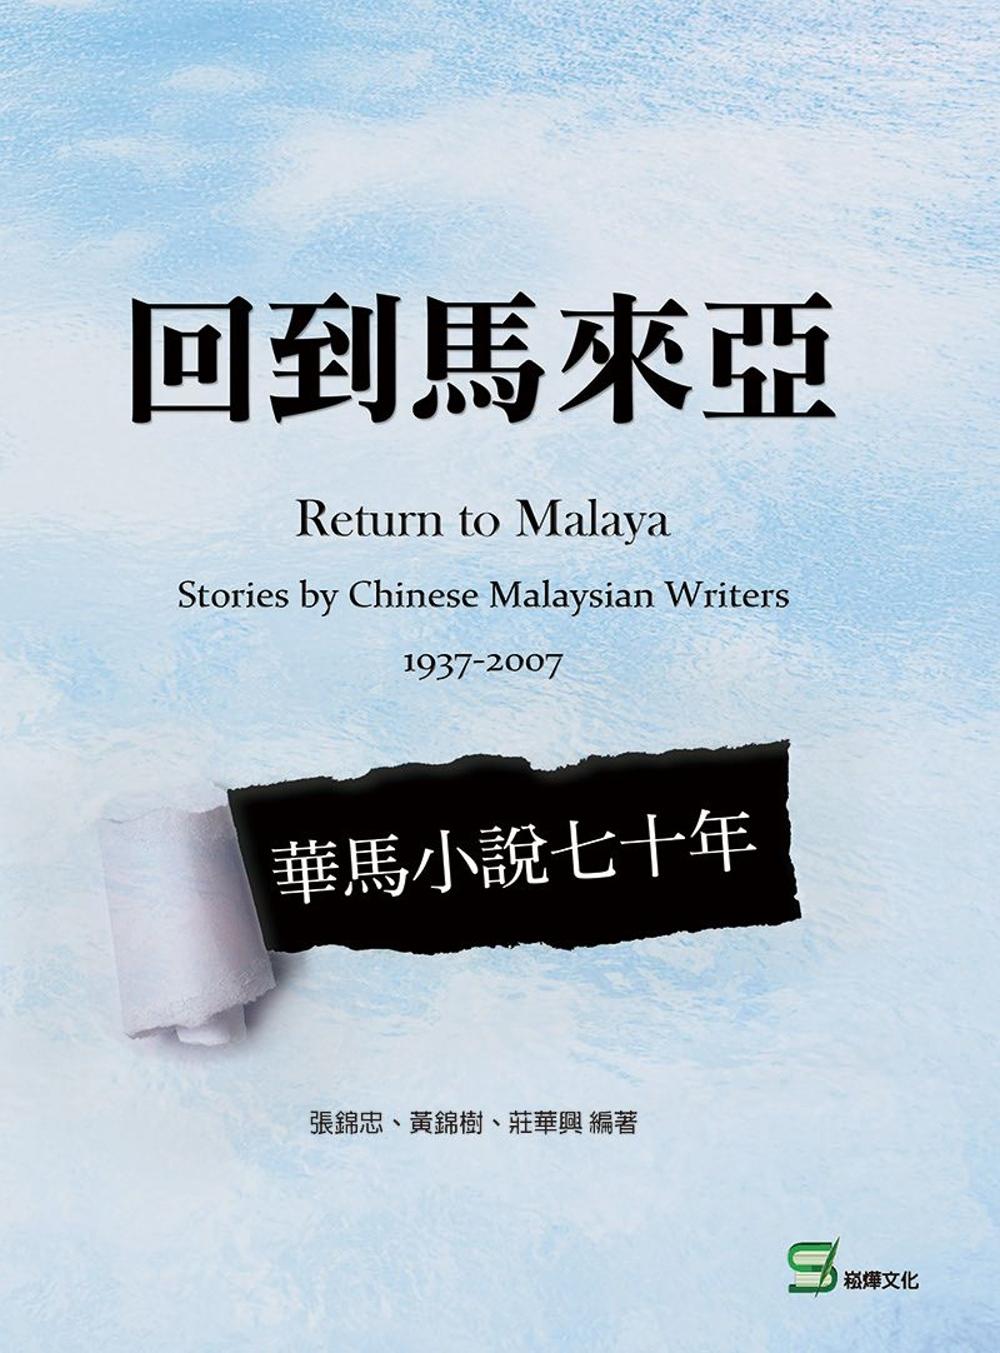 回到馬來亞:華馬小說七十年